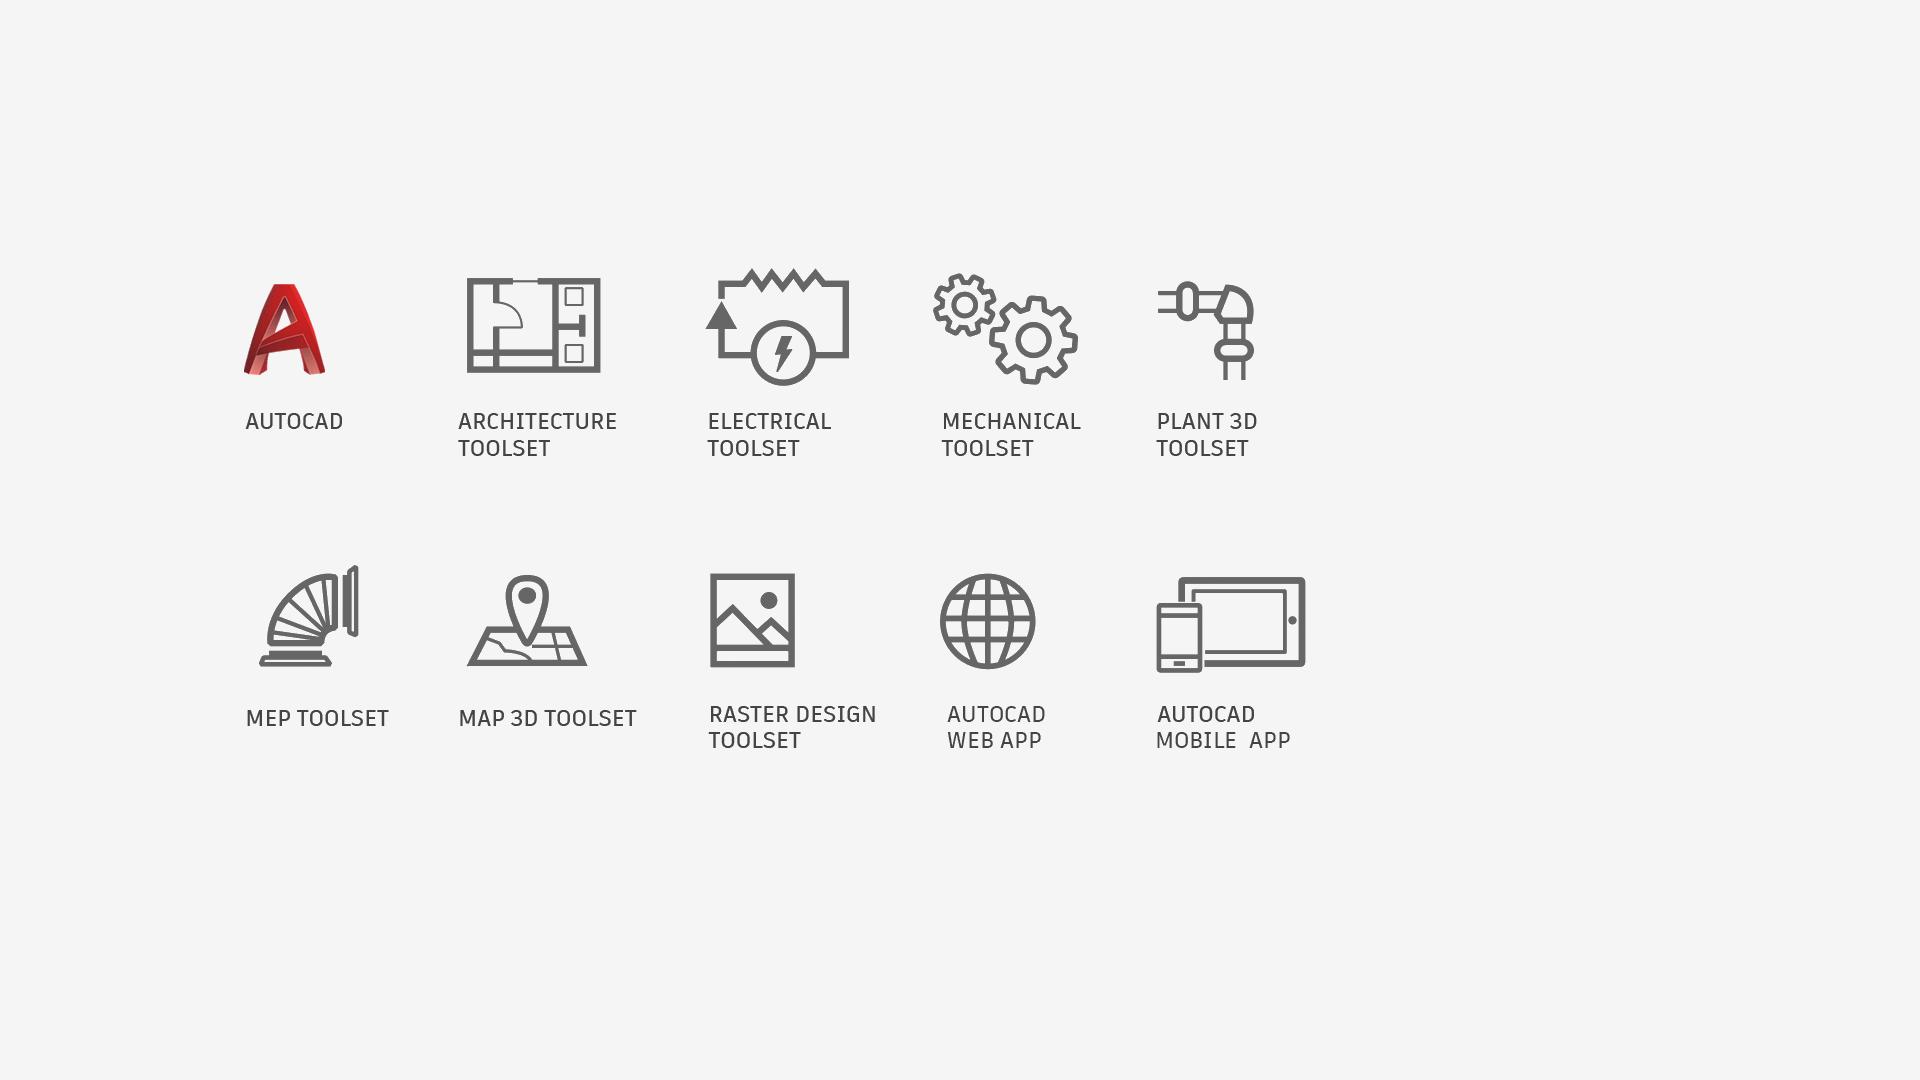 AutoCAD: Amplia documentación 2D